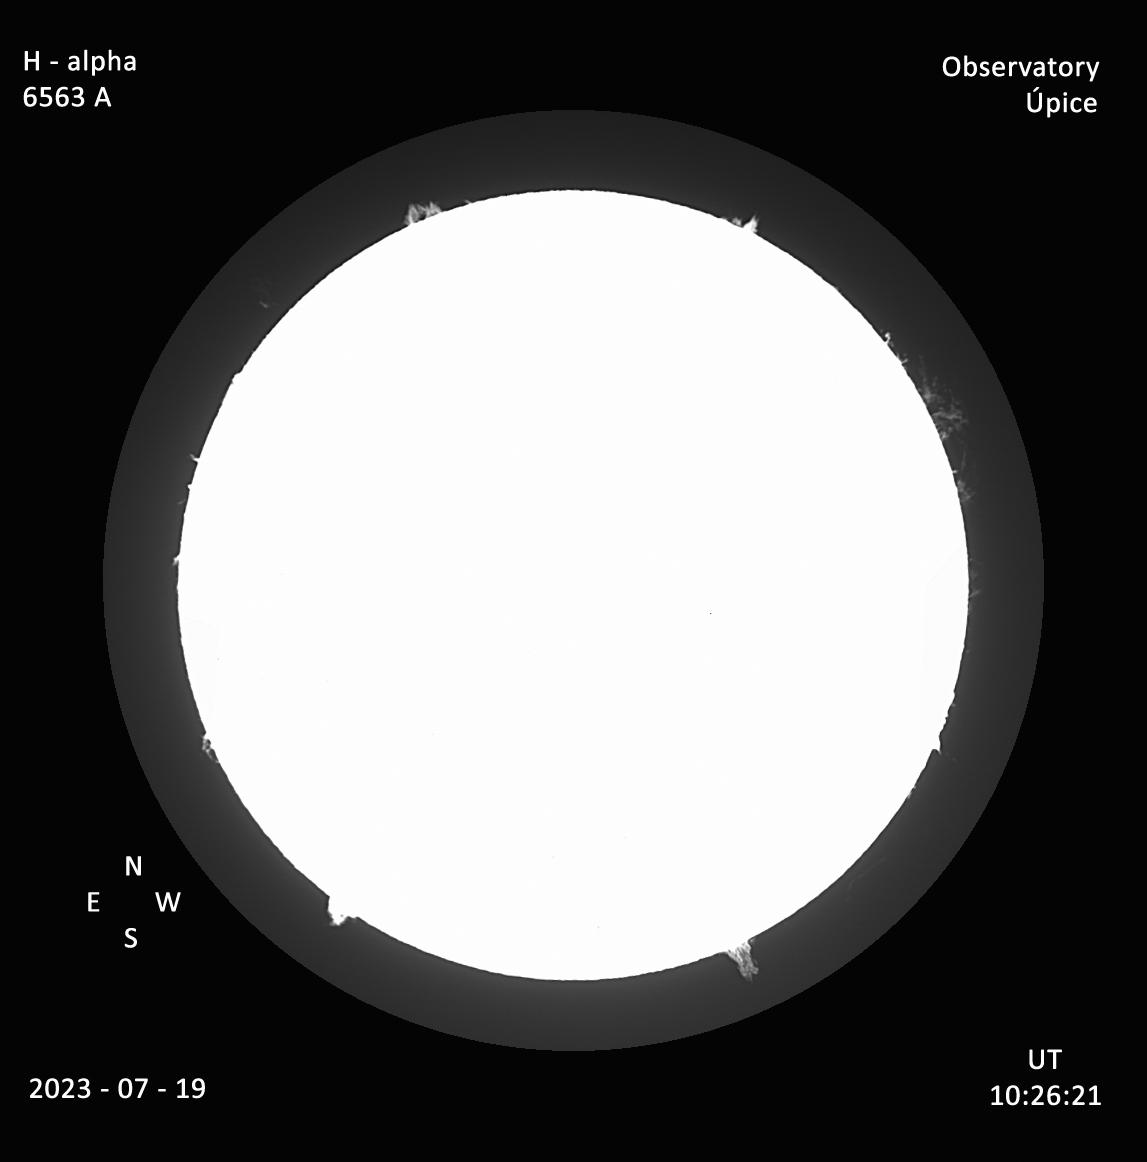 Protuberance celý disk - Úpice